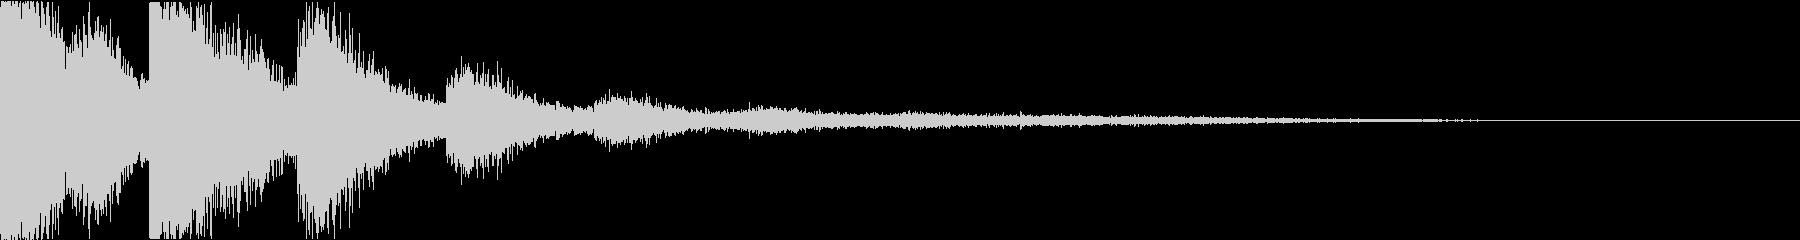 スネア:衝撃音・迫力・インパクトhの未再生の波形